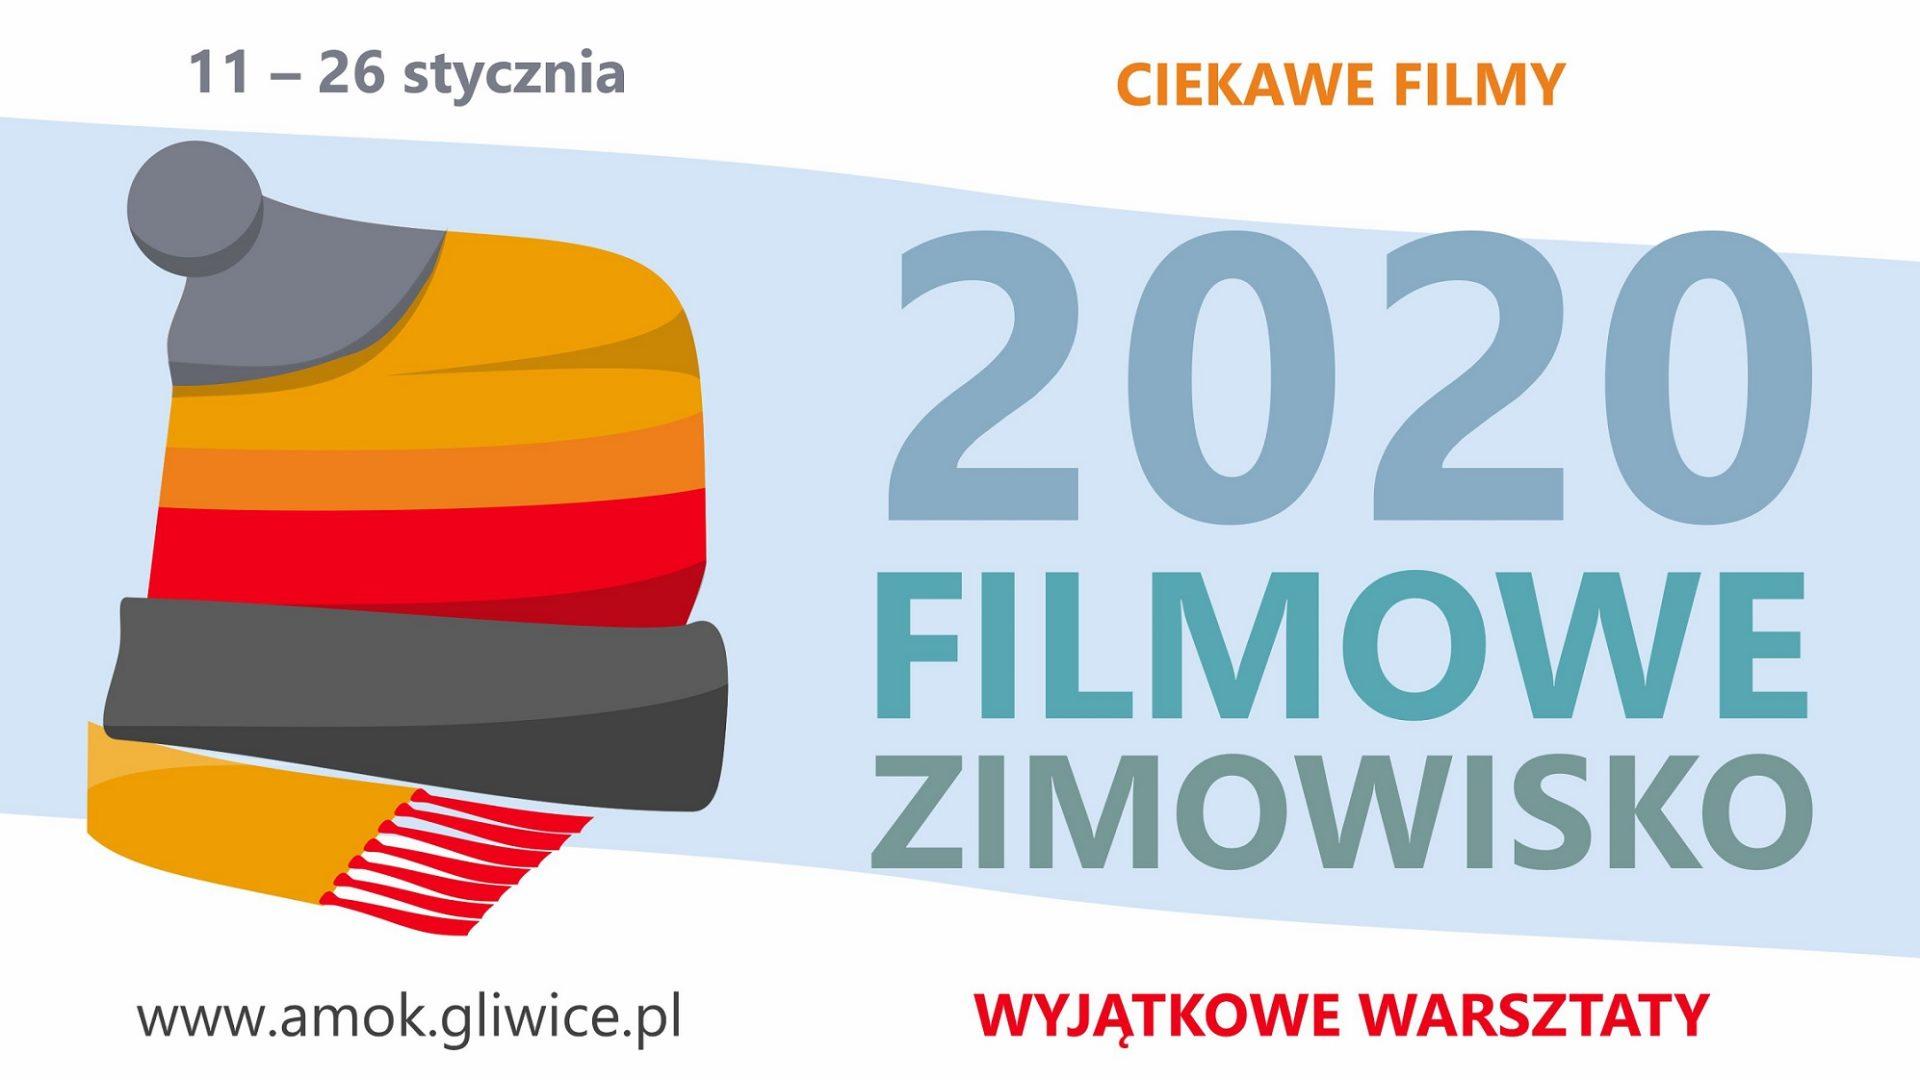 FILMOWE ZIMOWISKO 2020